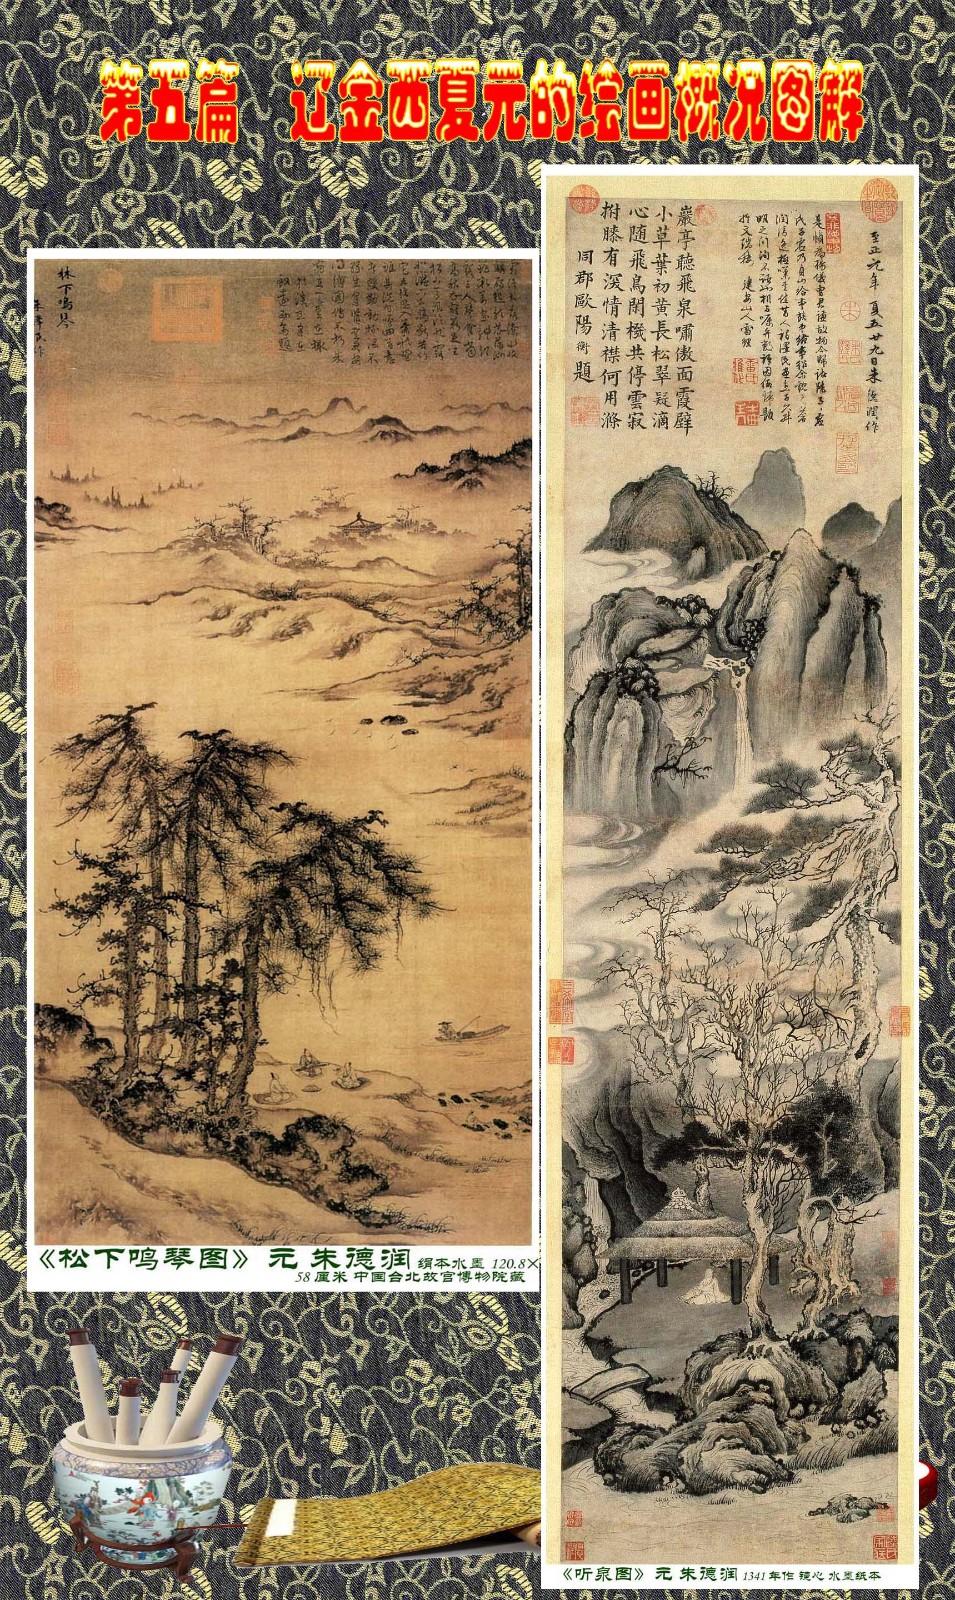 顾绍骅编辑 中国画知识普及版 第五篇 辽金西夏元的绘画概况 下 ... ..._图1-26